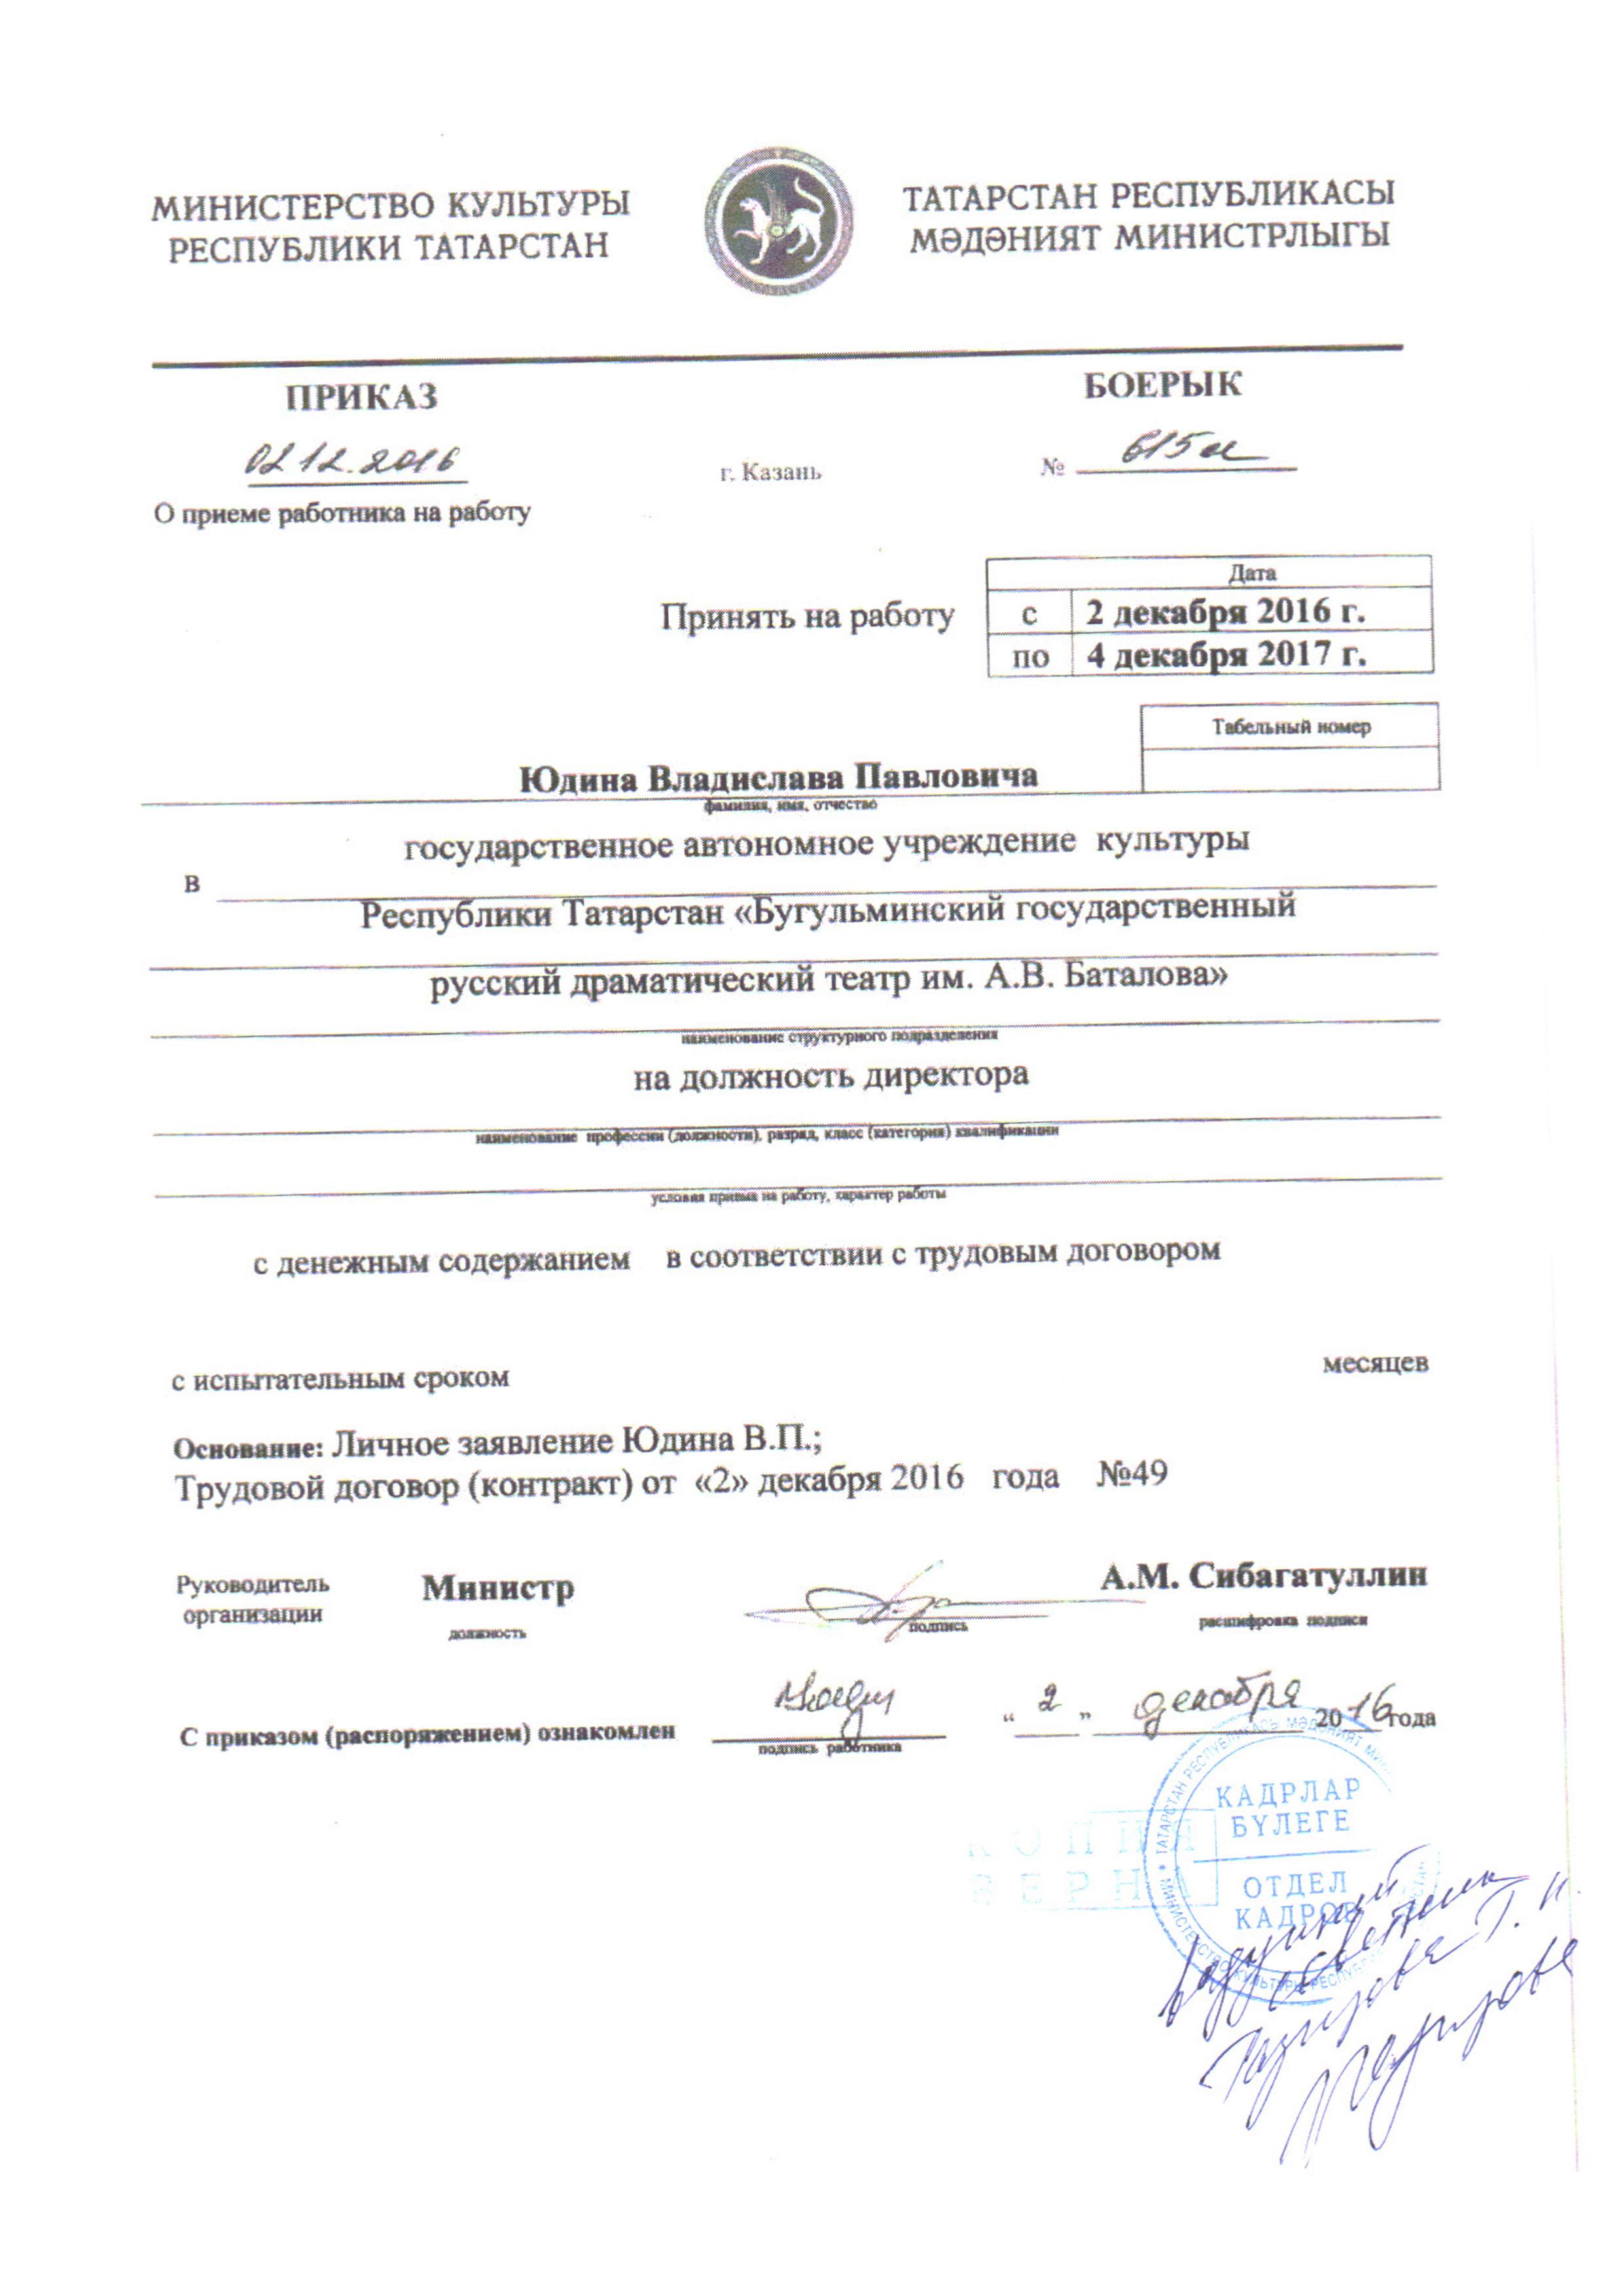 Бугульминский государственный русский драматический театр